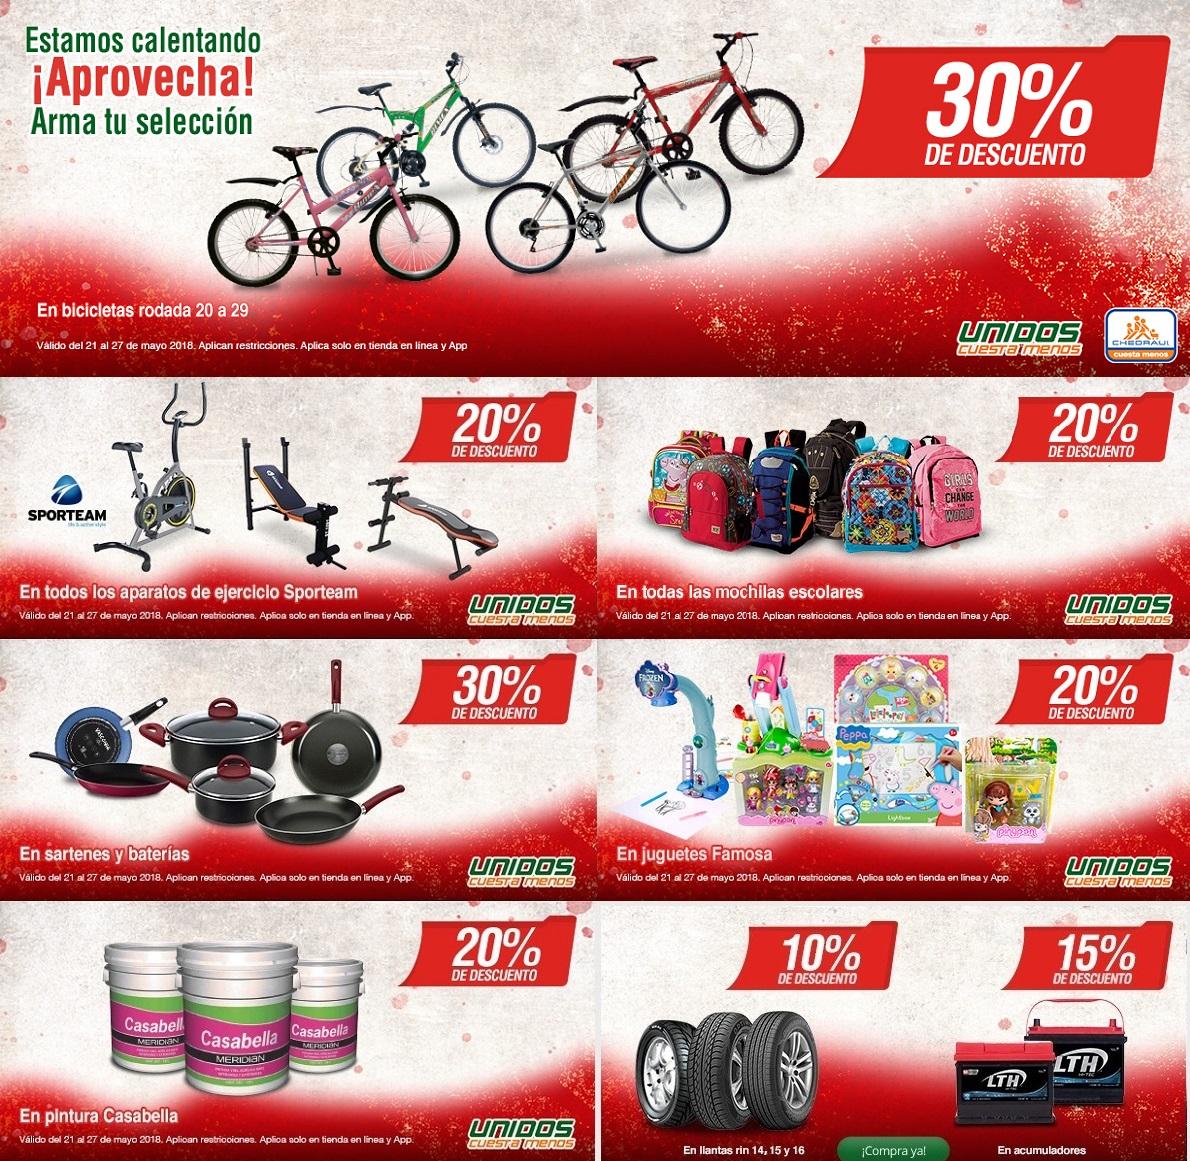 Chedraui: Pre Hot Sale por Internet: 20% desc. en aparatos de ejercicio Sporteam... 30% desc. en sartenes y baterías... 20% desc. en pintura Casabella... y más